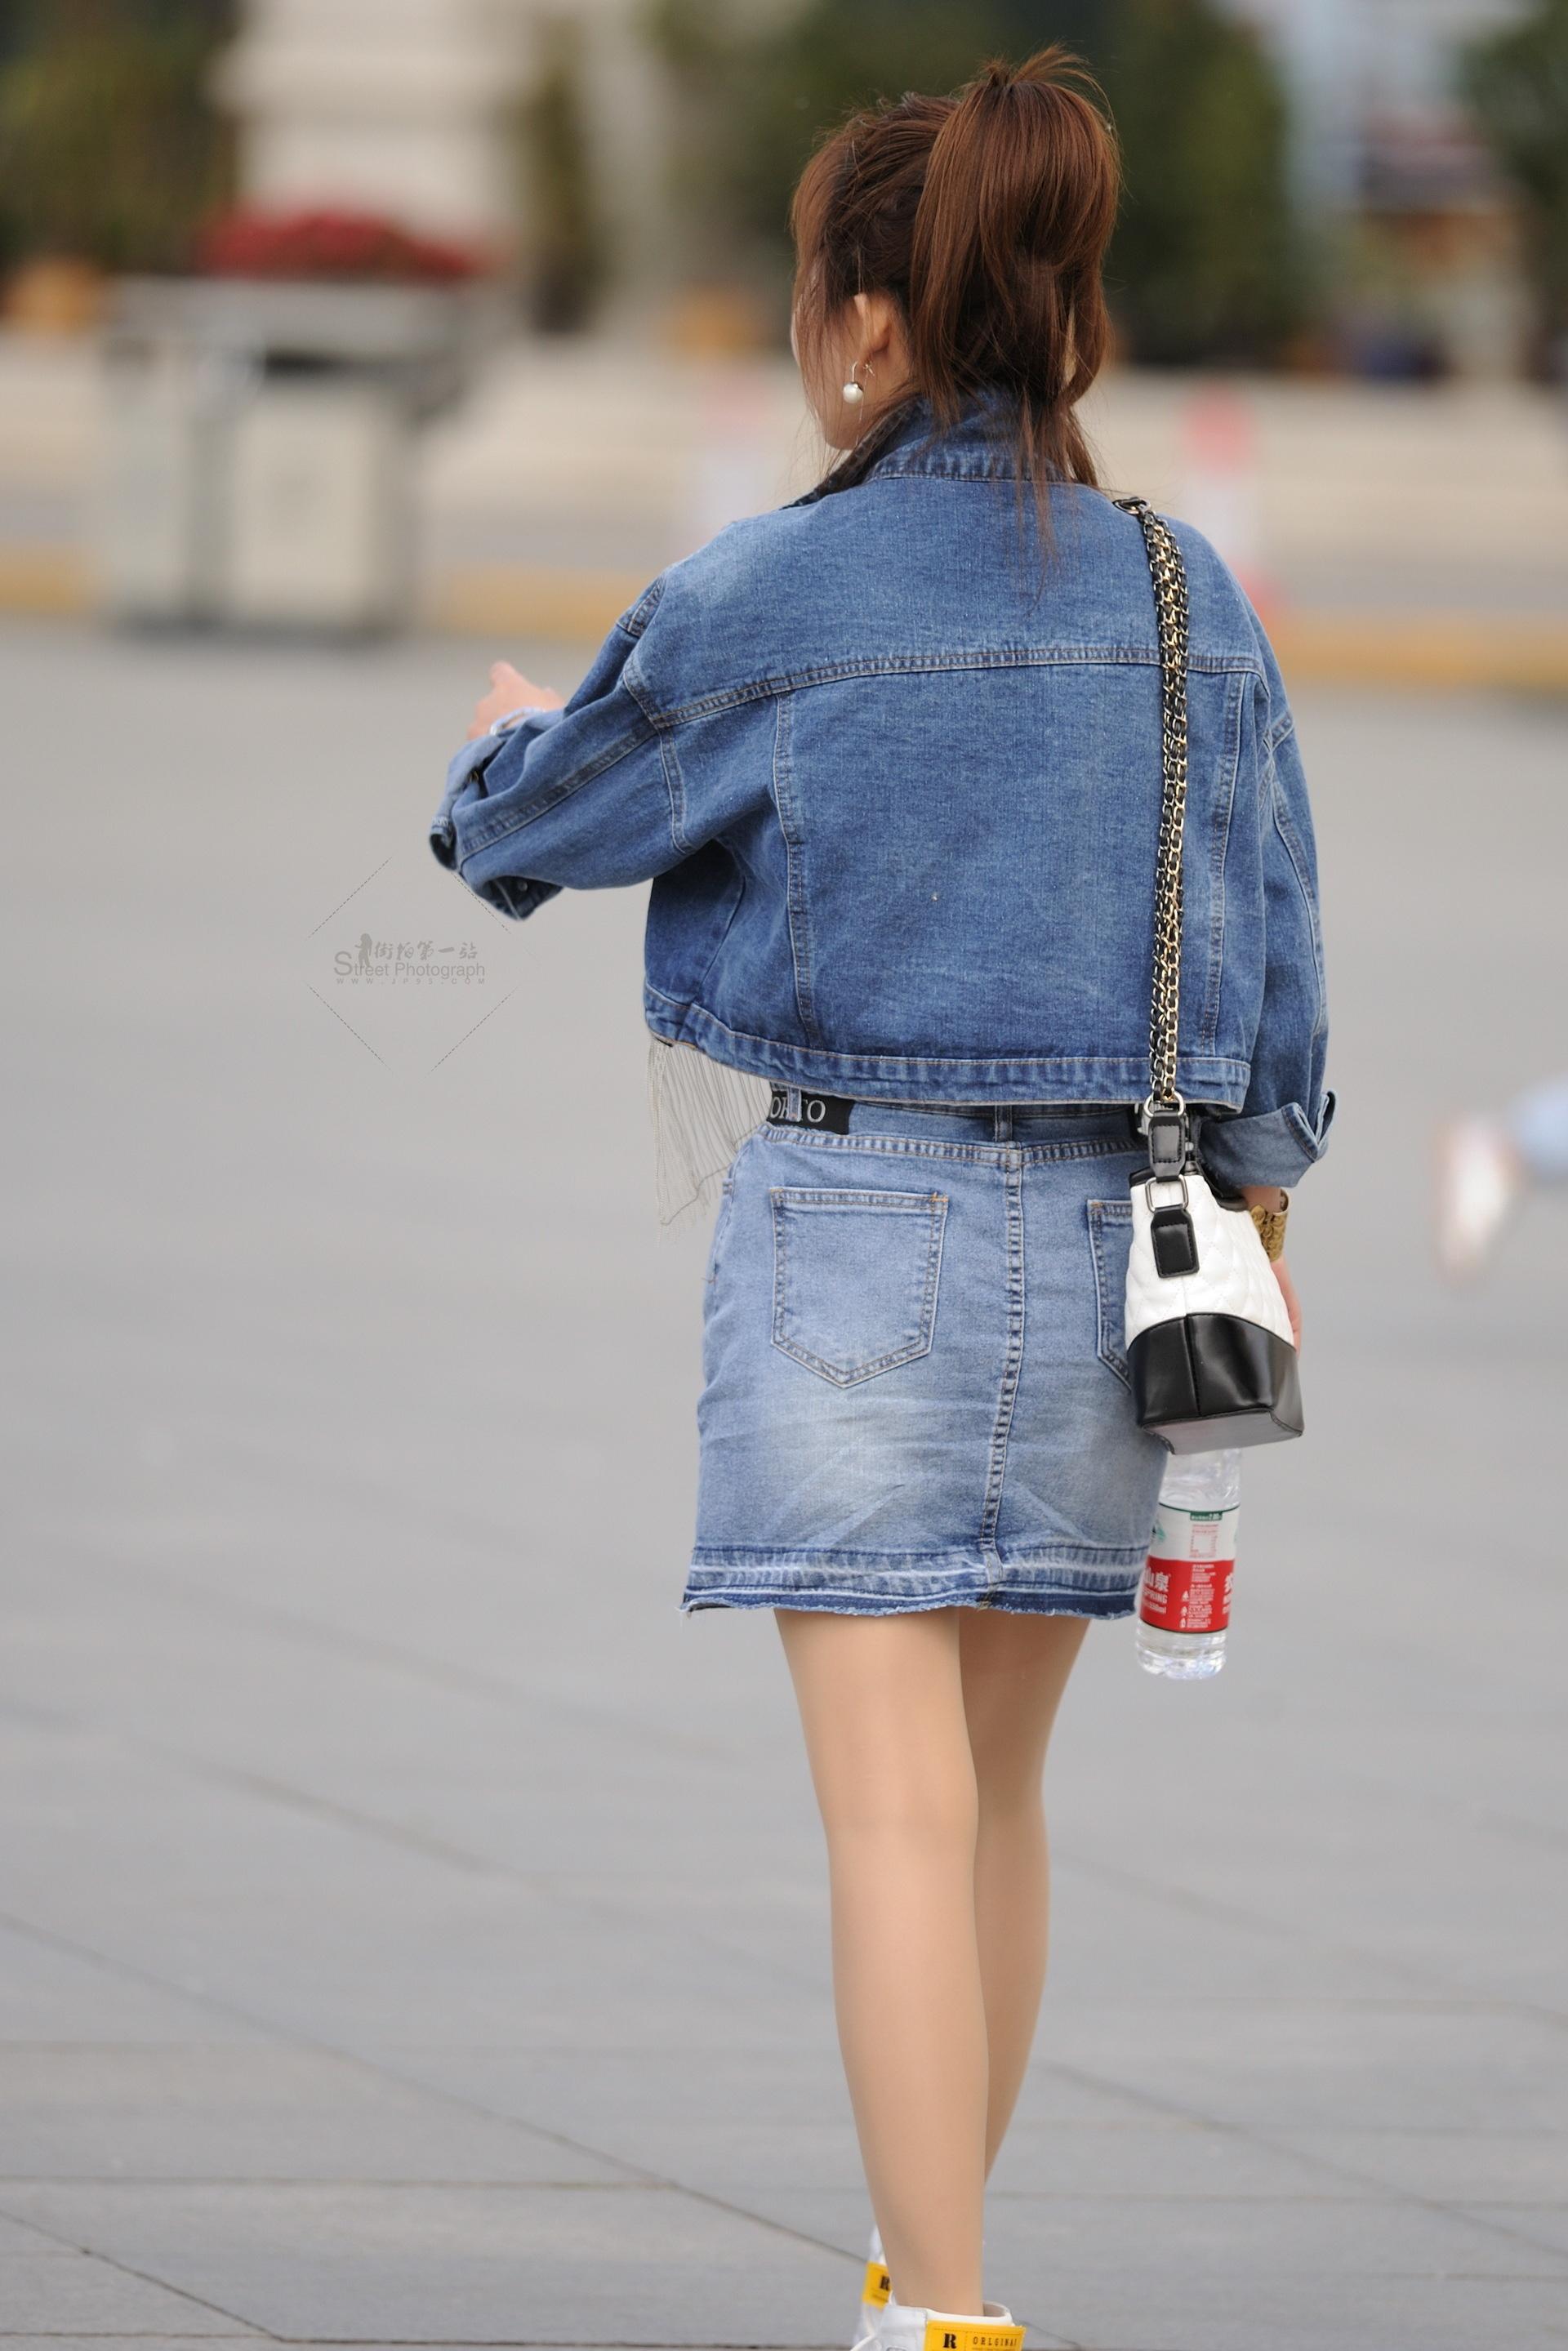 街拍牛仔 牛仔套六十 街拍美女圖片發布 街拍絲襪第一站